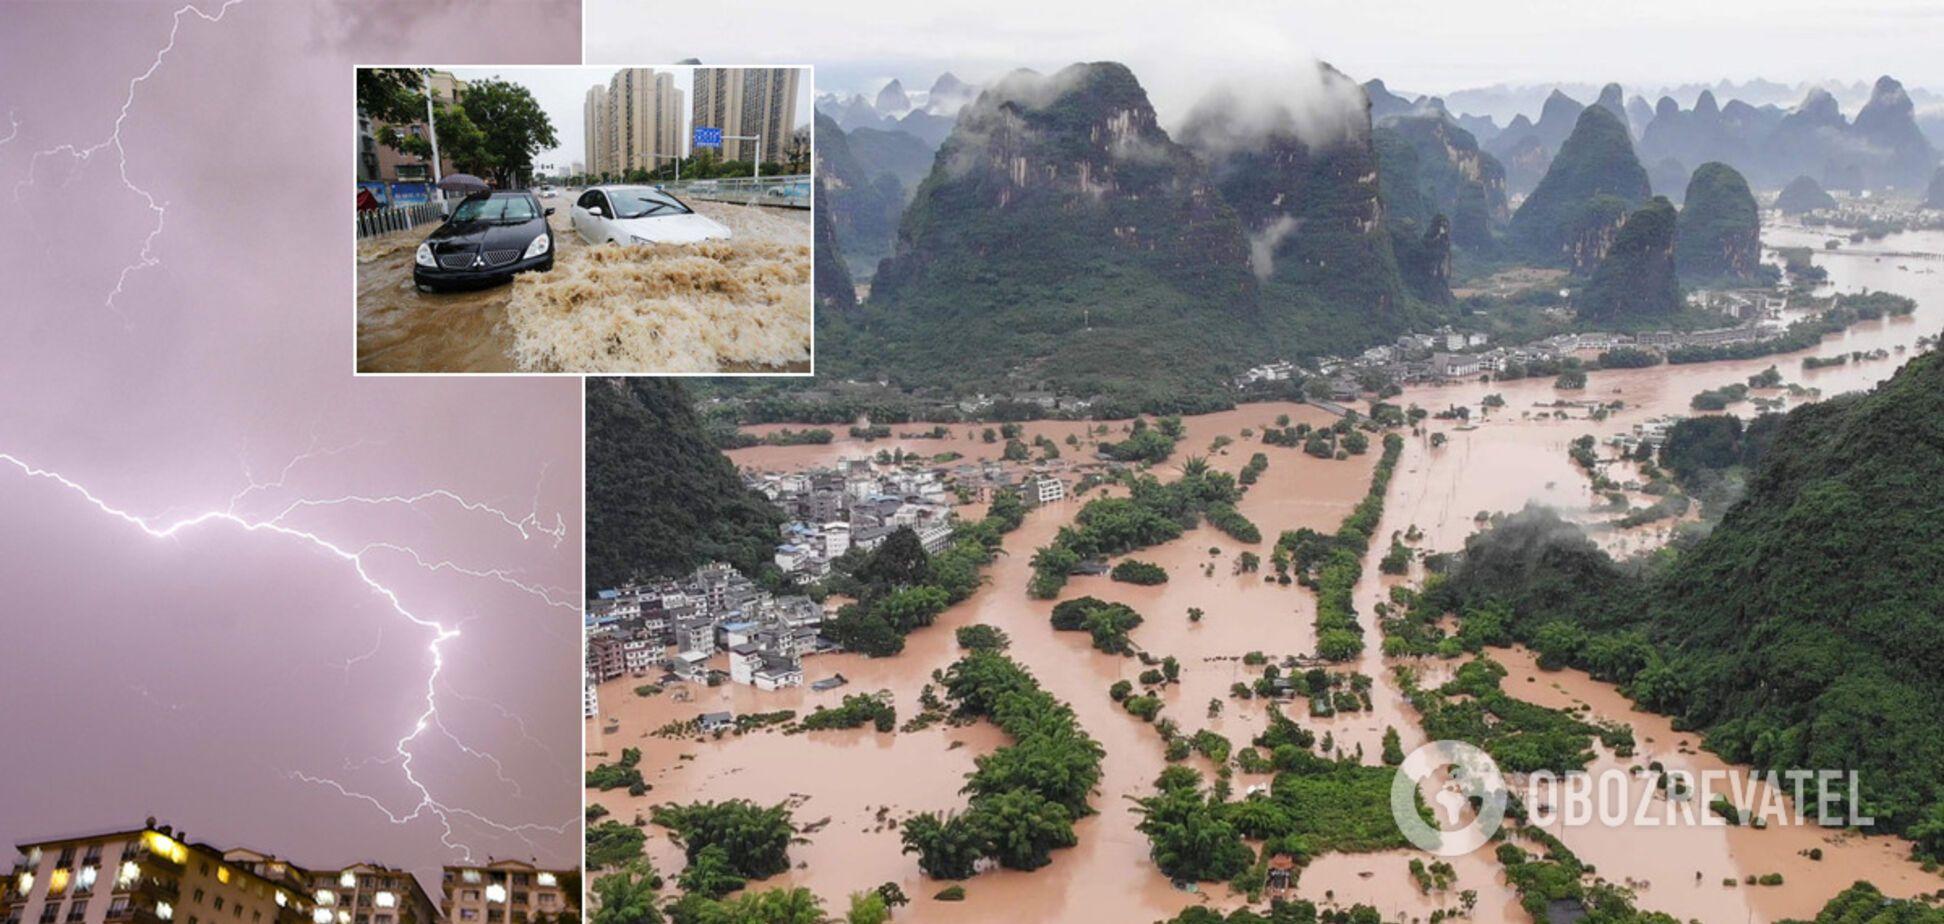 По миру прошла волна экологических катастроф